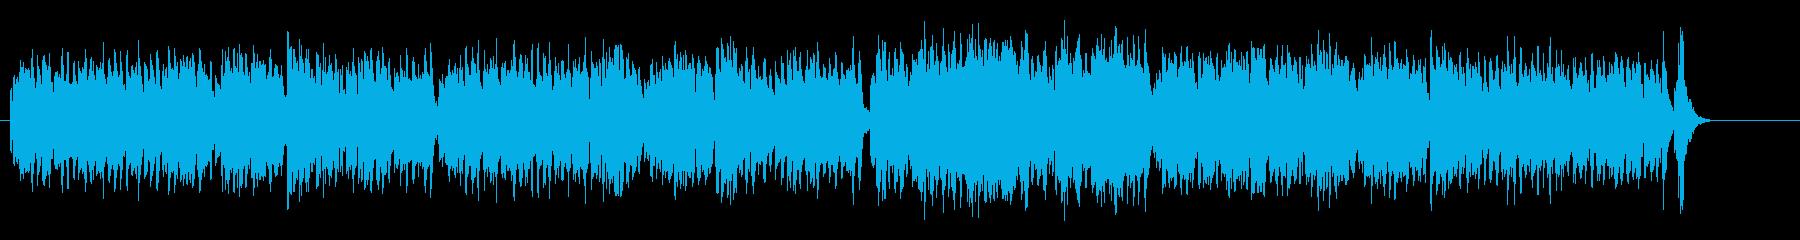 クラシカル・ポップ調のキャッチーなBGMの再生済みの波形